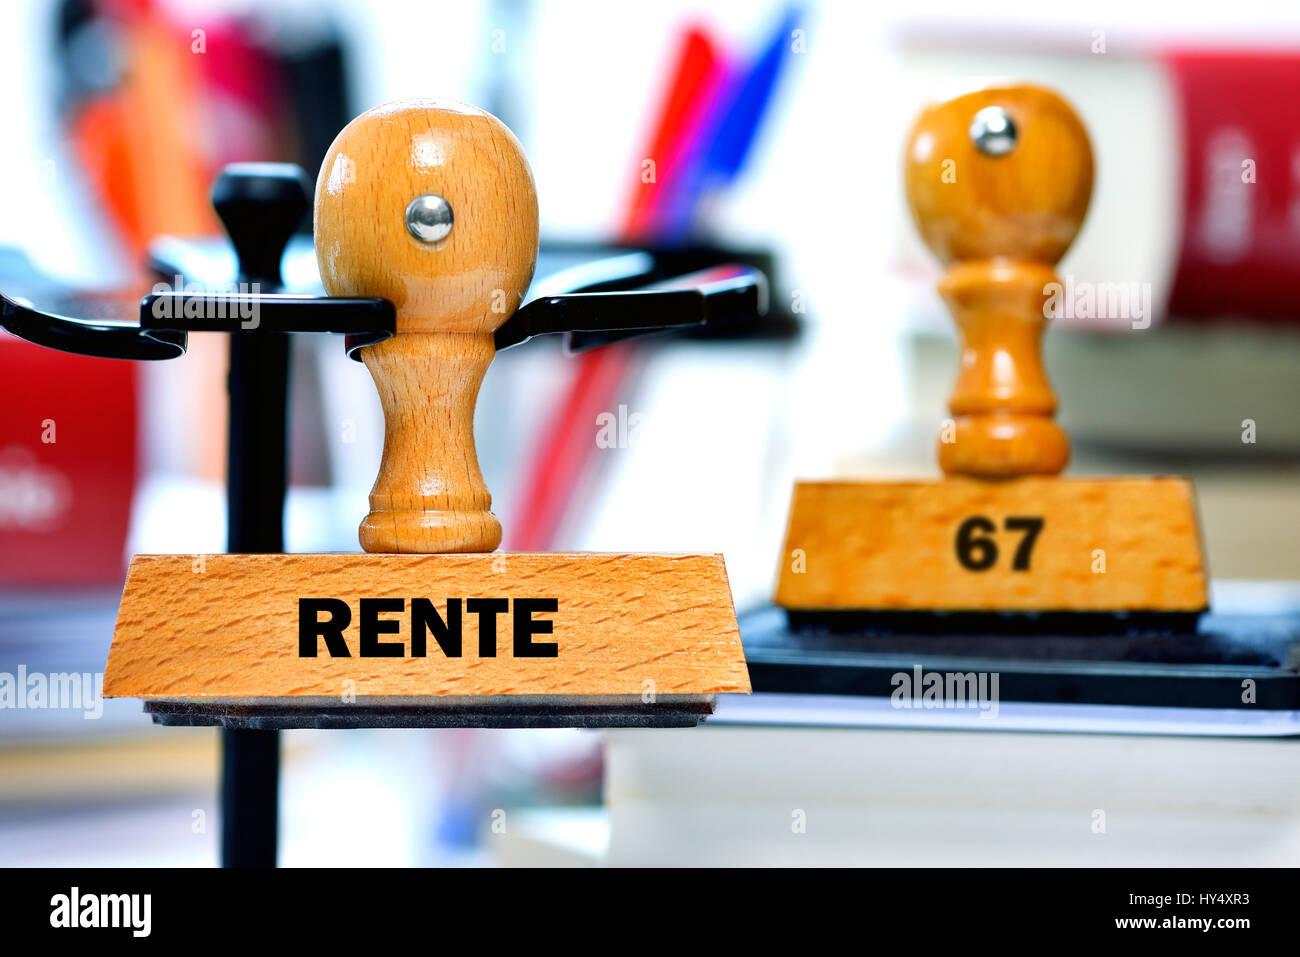 Stamp with the label Pension and 67, Stempel mit der Aufschrift Rente und 67 Stock Photo